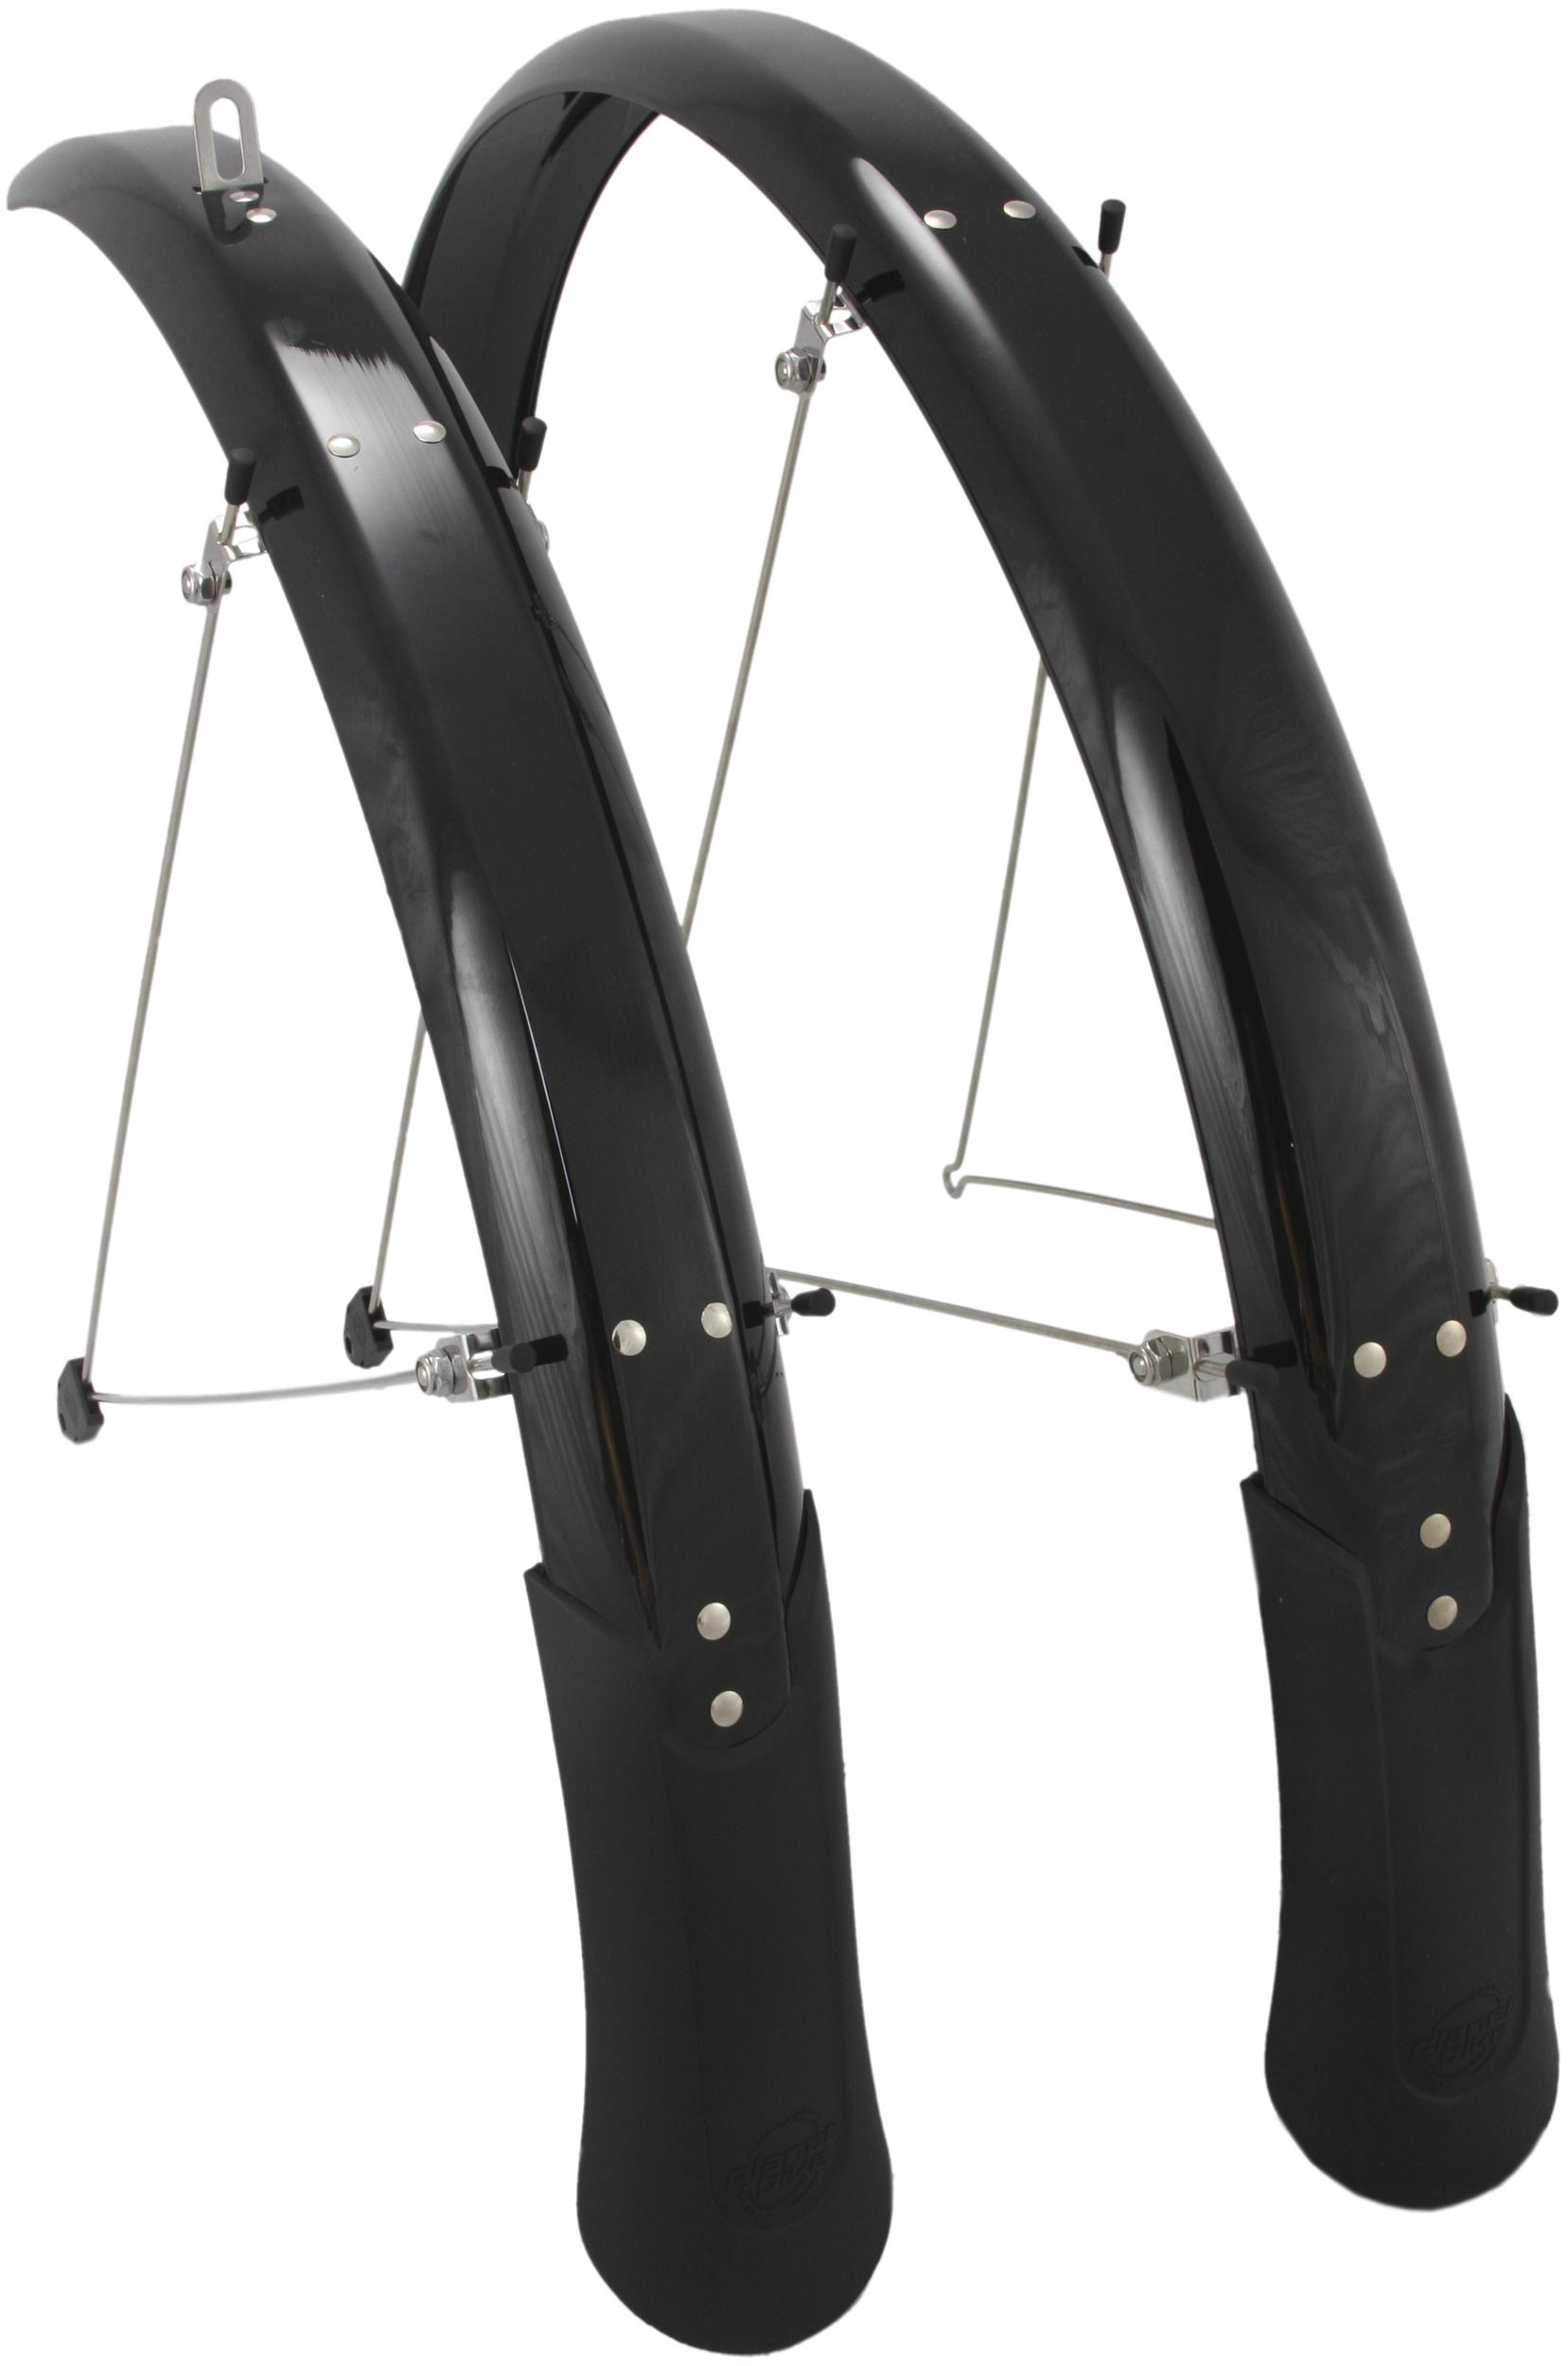 SKS Commuter II Fenders-700x25-35mm-Full-Pair-Hybrid Bike Fender Set-Silver